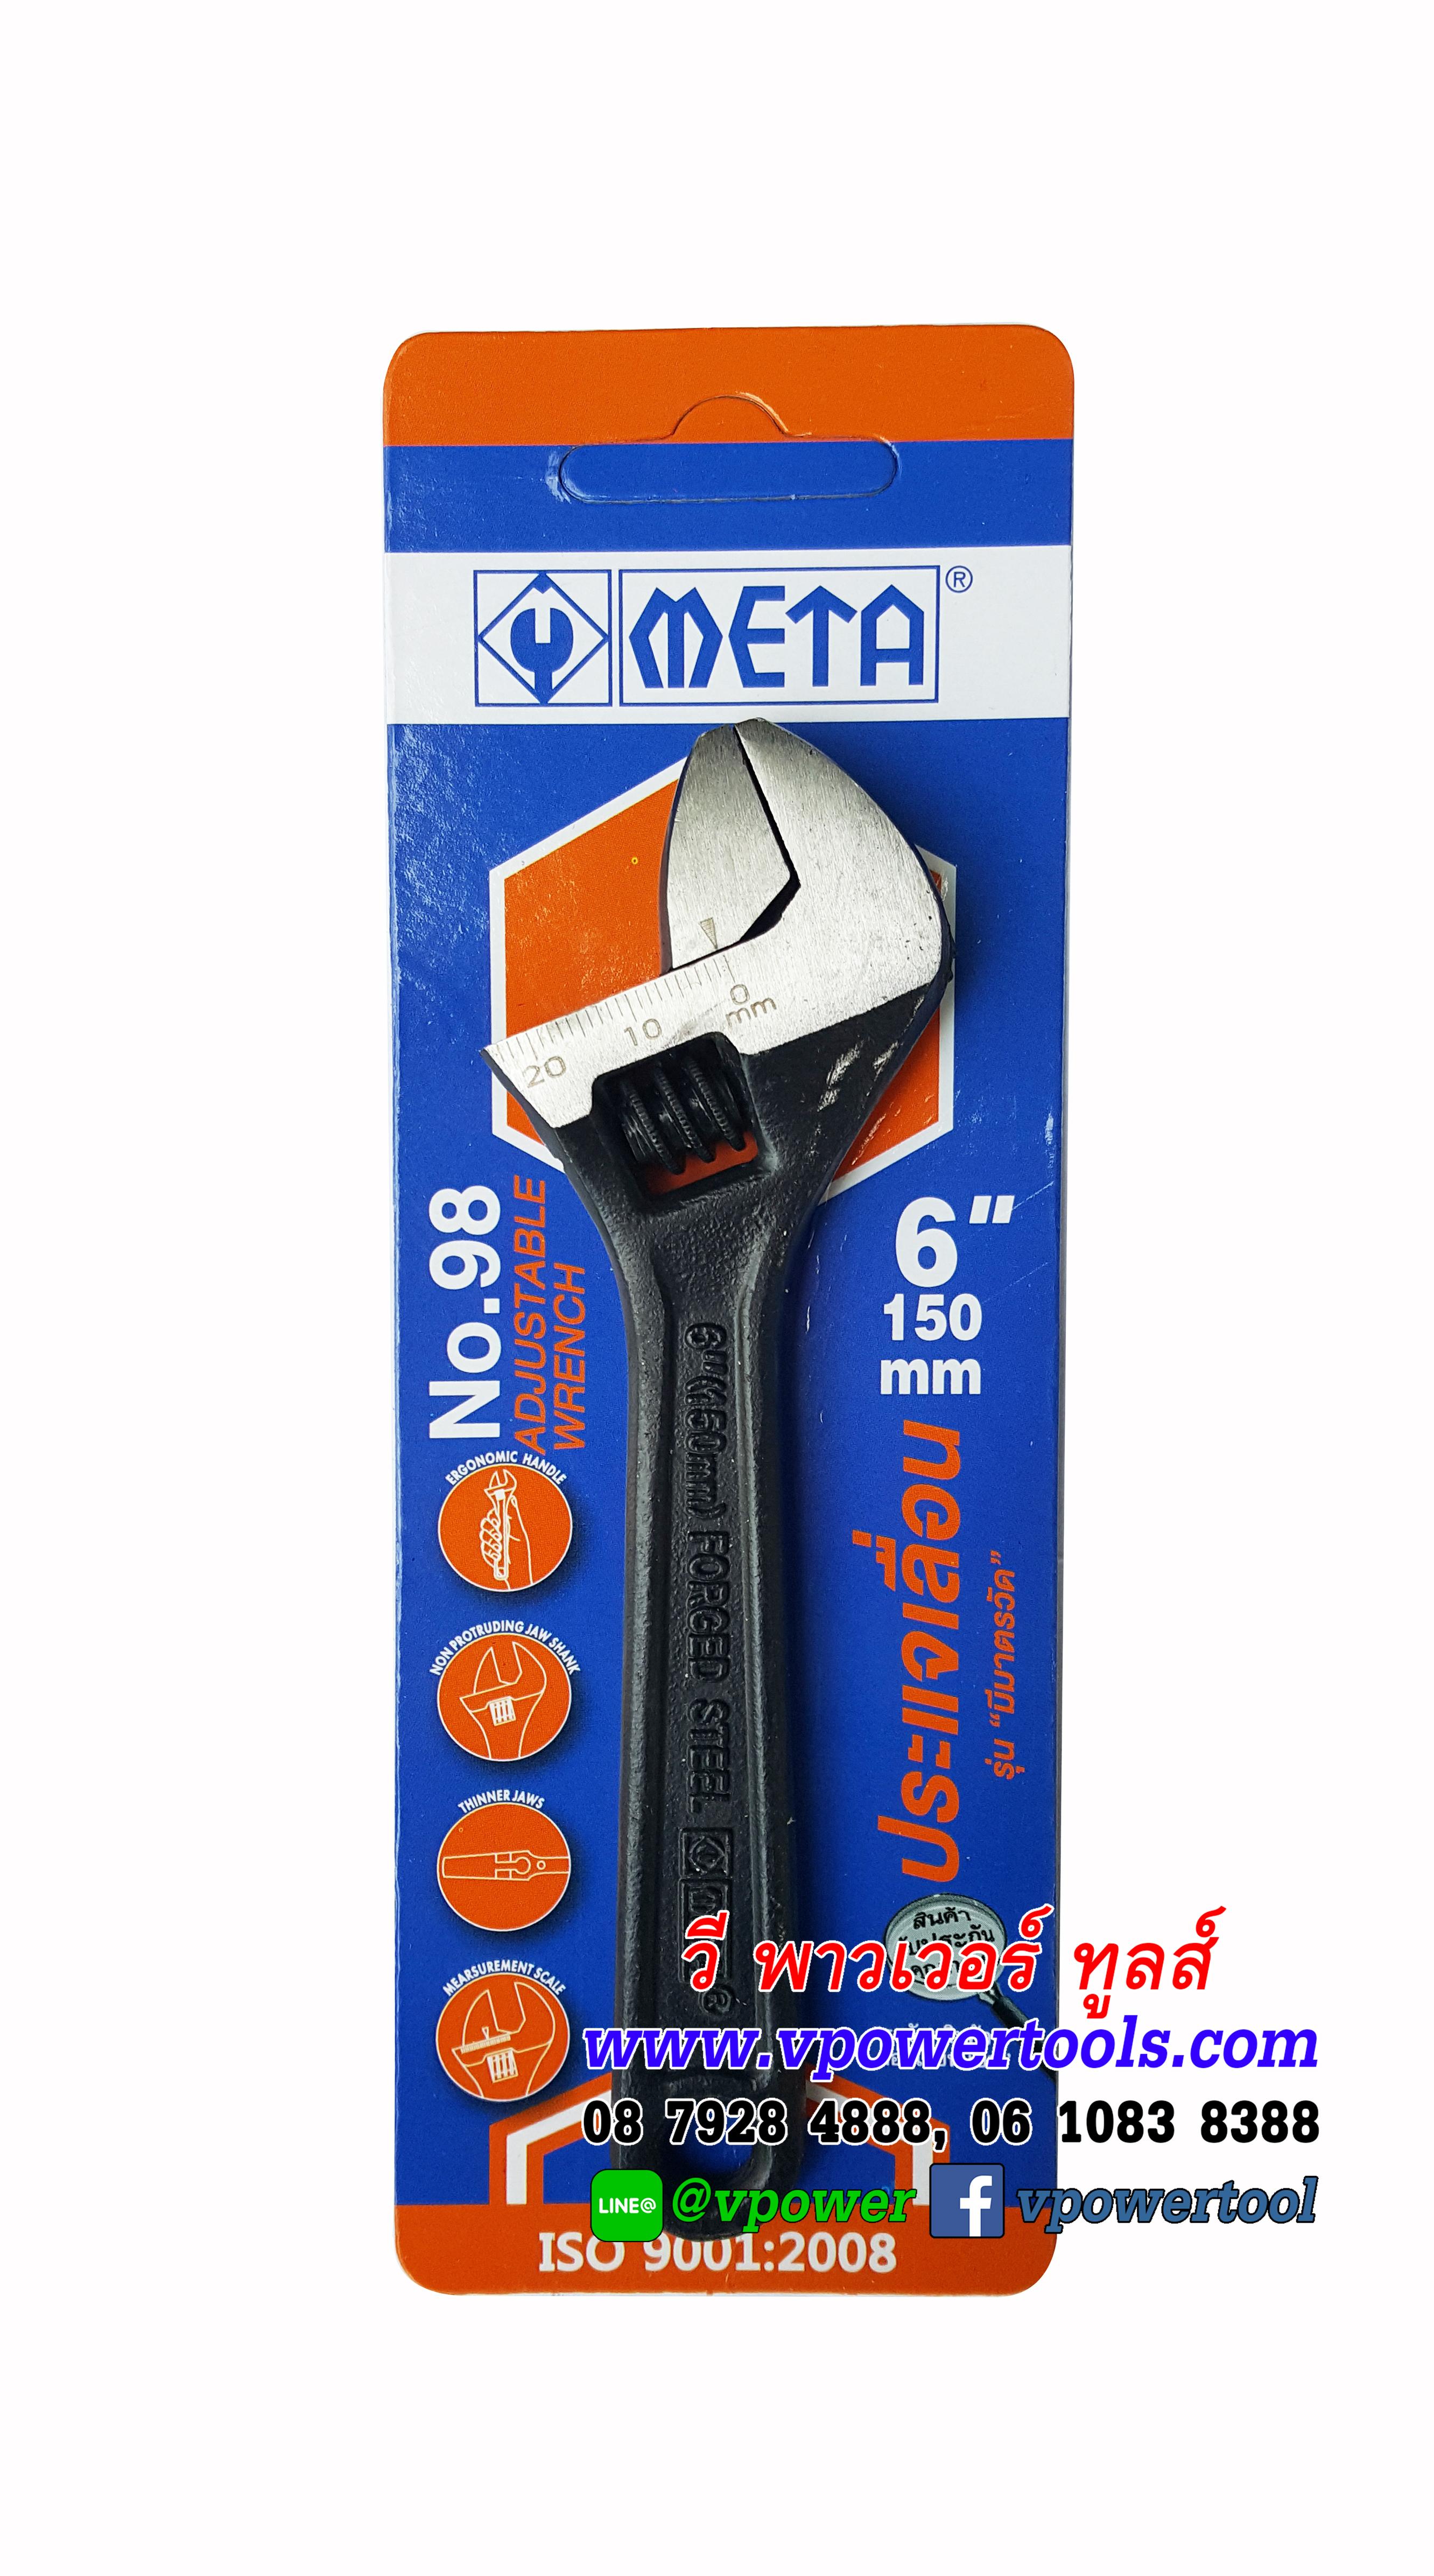 META ประแจเลื่อน รุ่น มีสเกลเป็นมิล 6 นิ้ว 150มม.